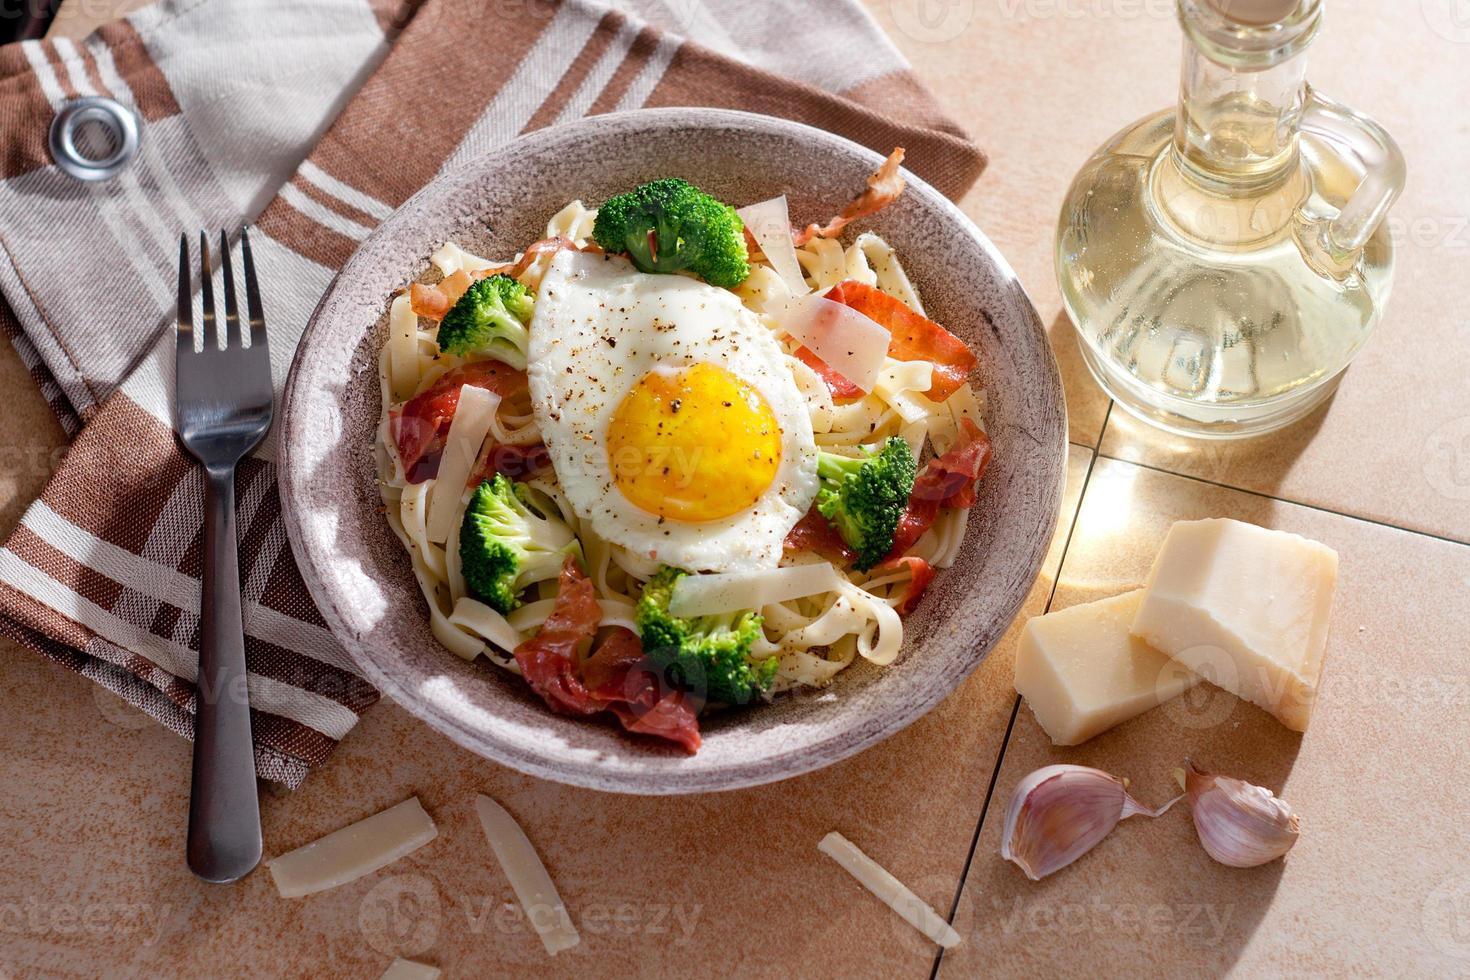 Tagliatelle pasta with broccoli, prosciutto and fried egg. photo